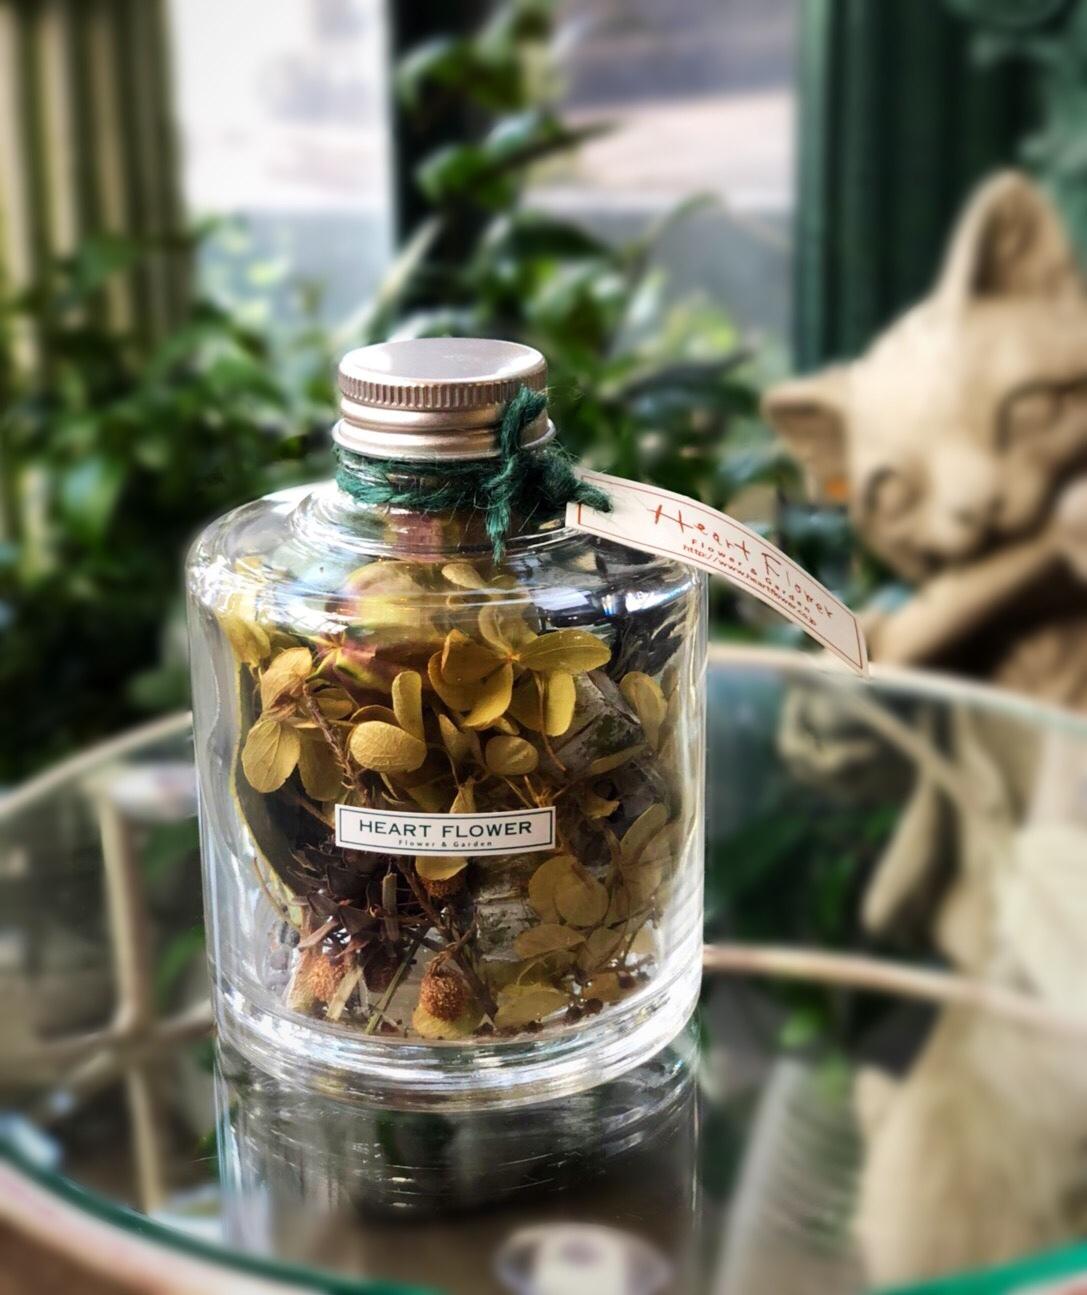 フラワーボトル natural - made by Heartflower